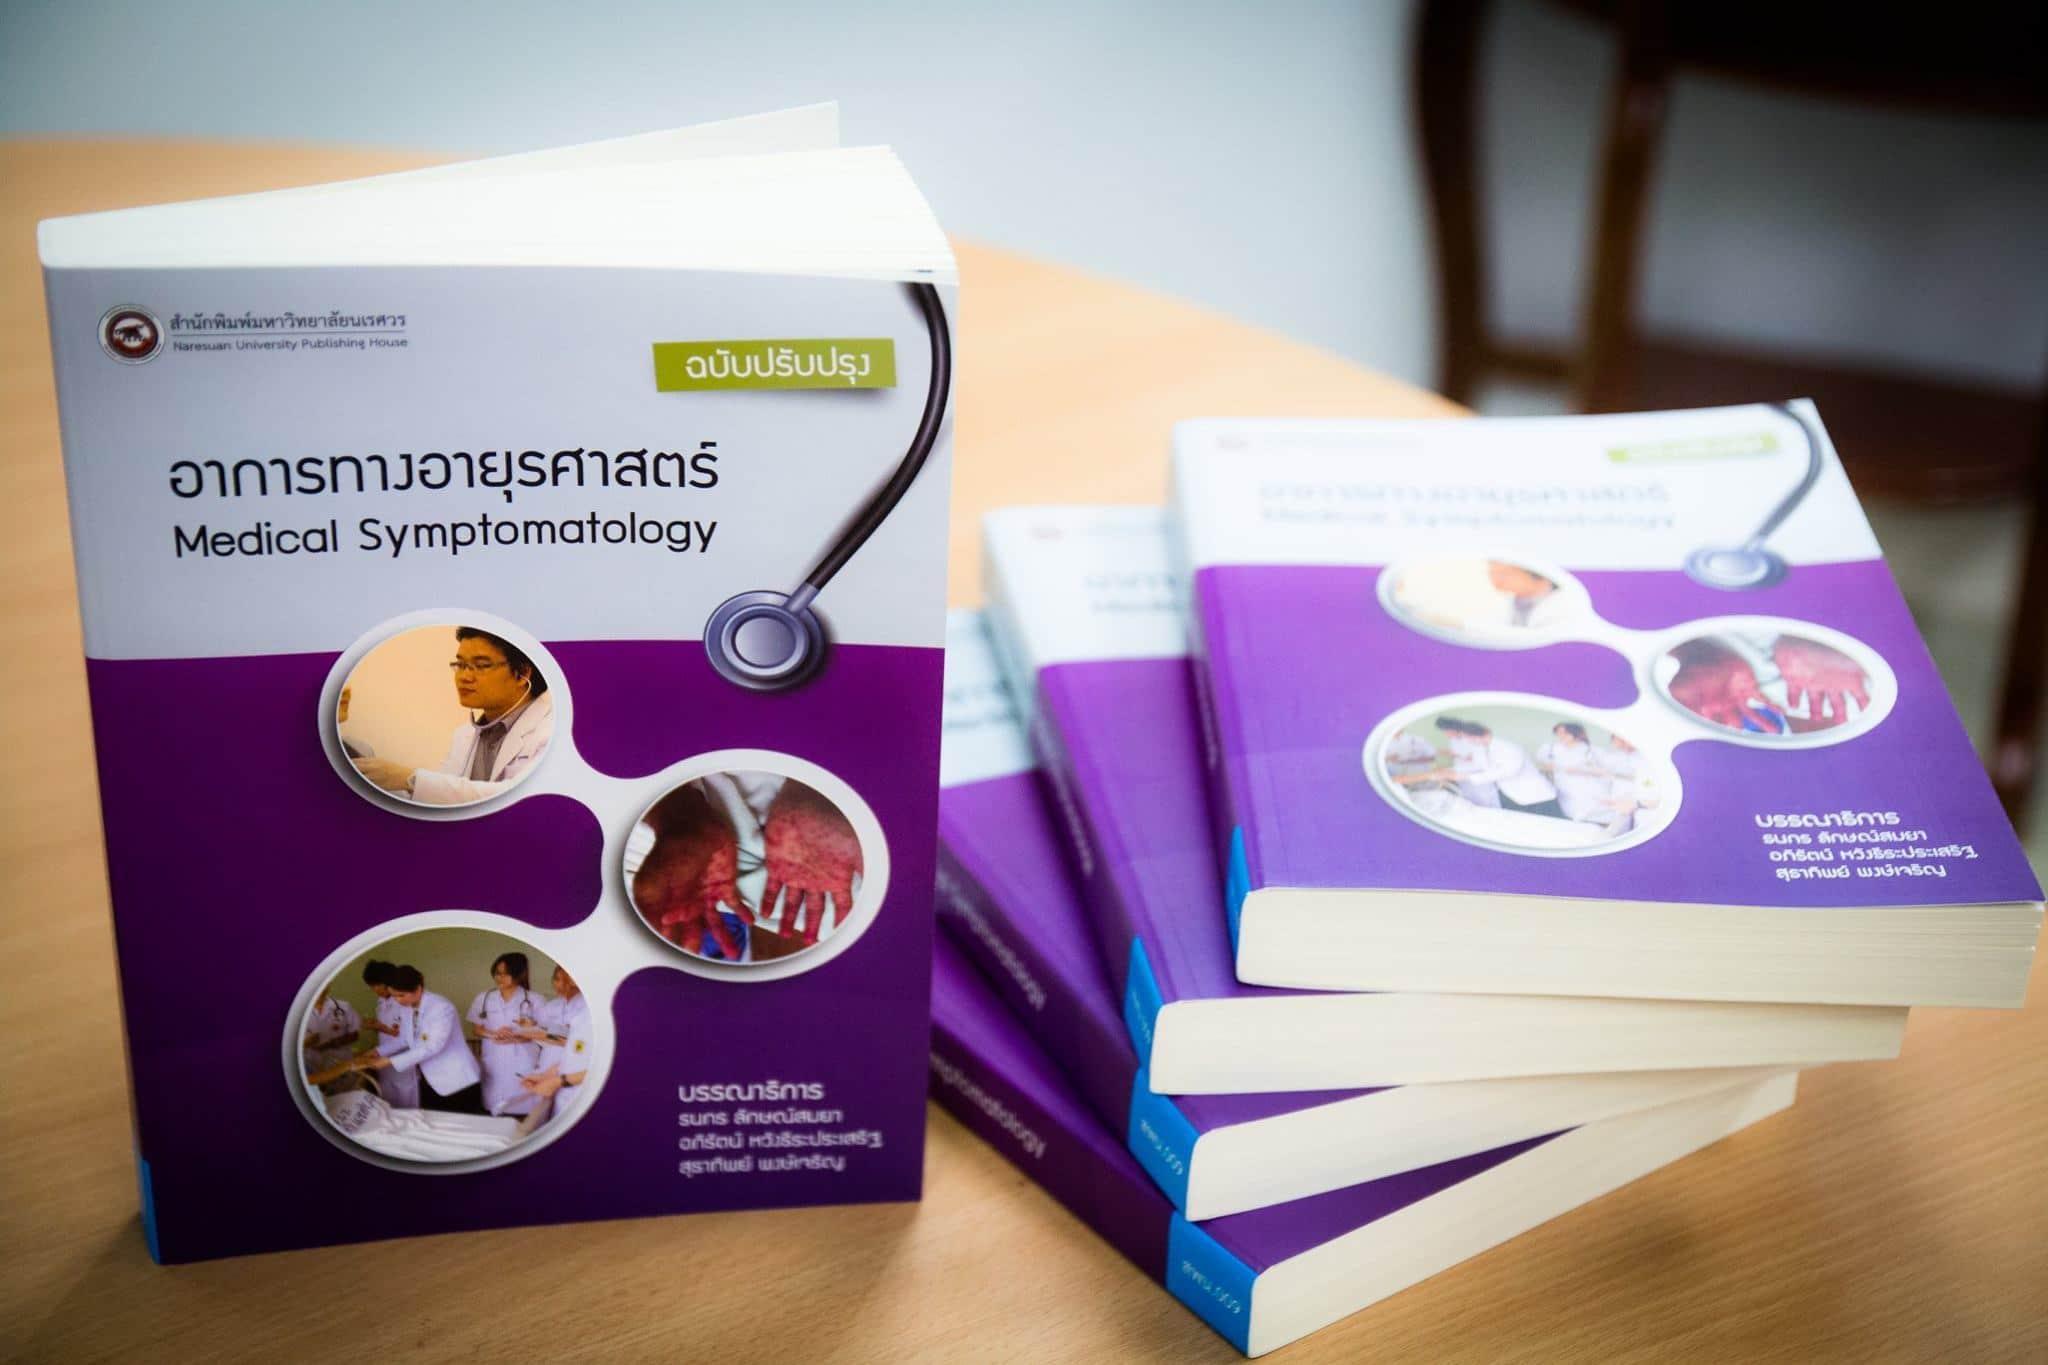 หนังสือทางการแพทย์และการพยาบาล